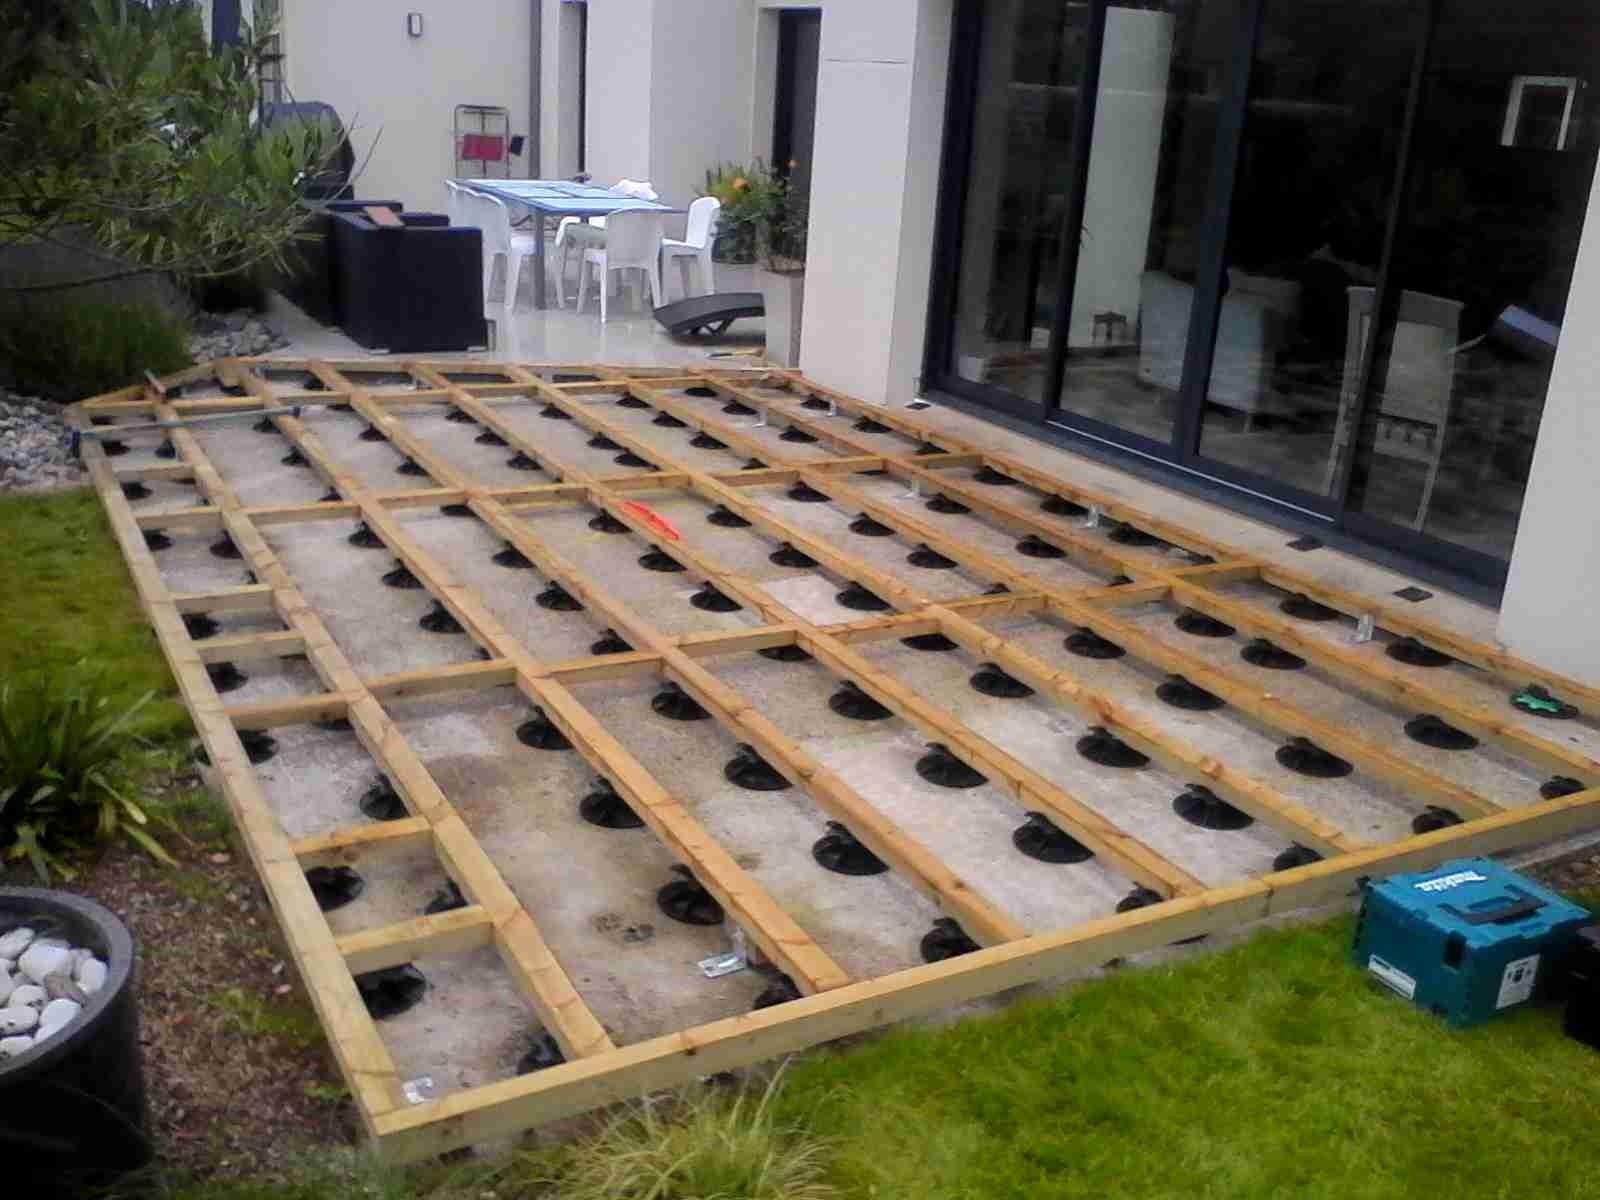 Monter Une Terrasse En Bois Sur Plot - Veranda-Styledevie.fr avec Baguette Finition Terrasse Sur Plot